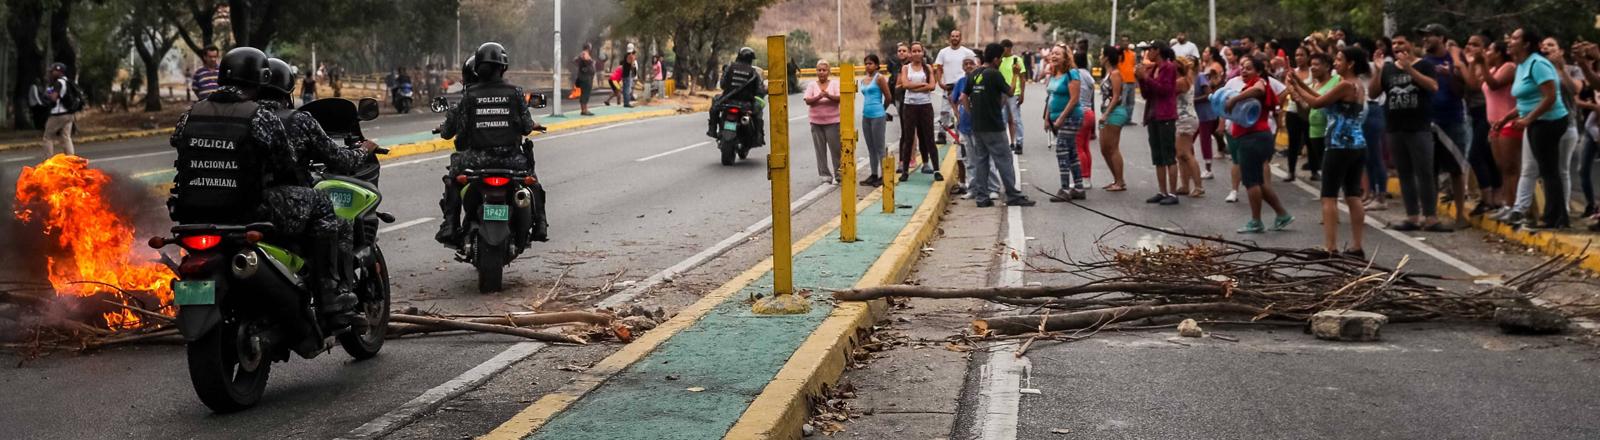 Gegen Wassermangel und Stromausfälle: Protestierende in der Avenida Baralt in Caracas am 31. März